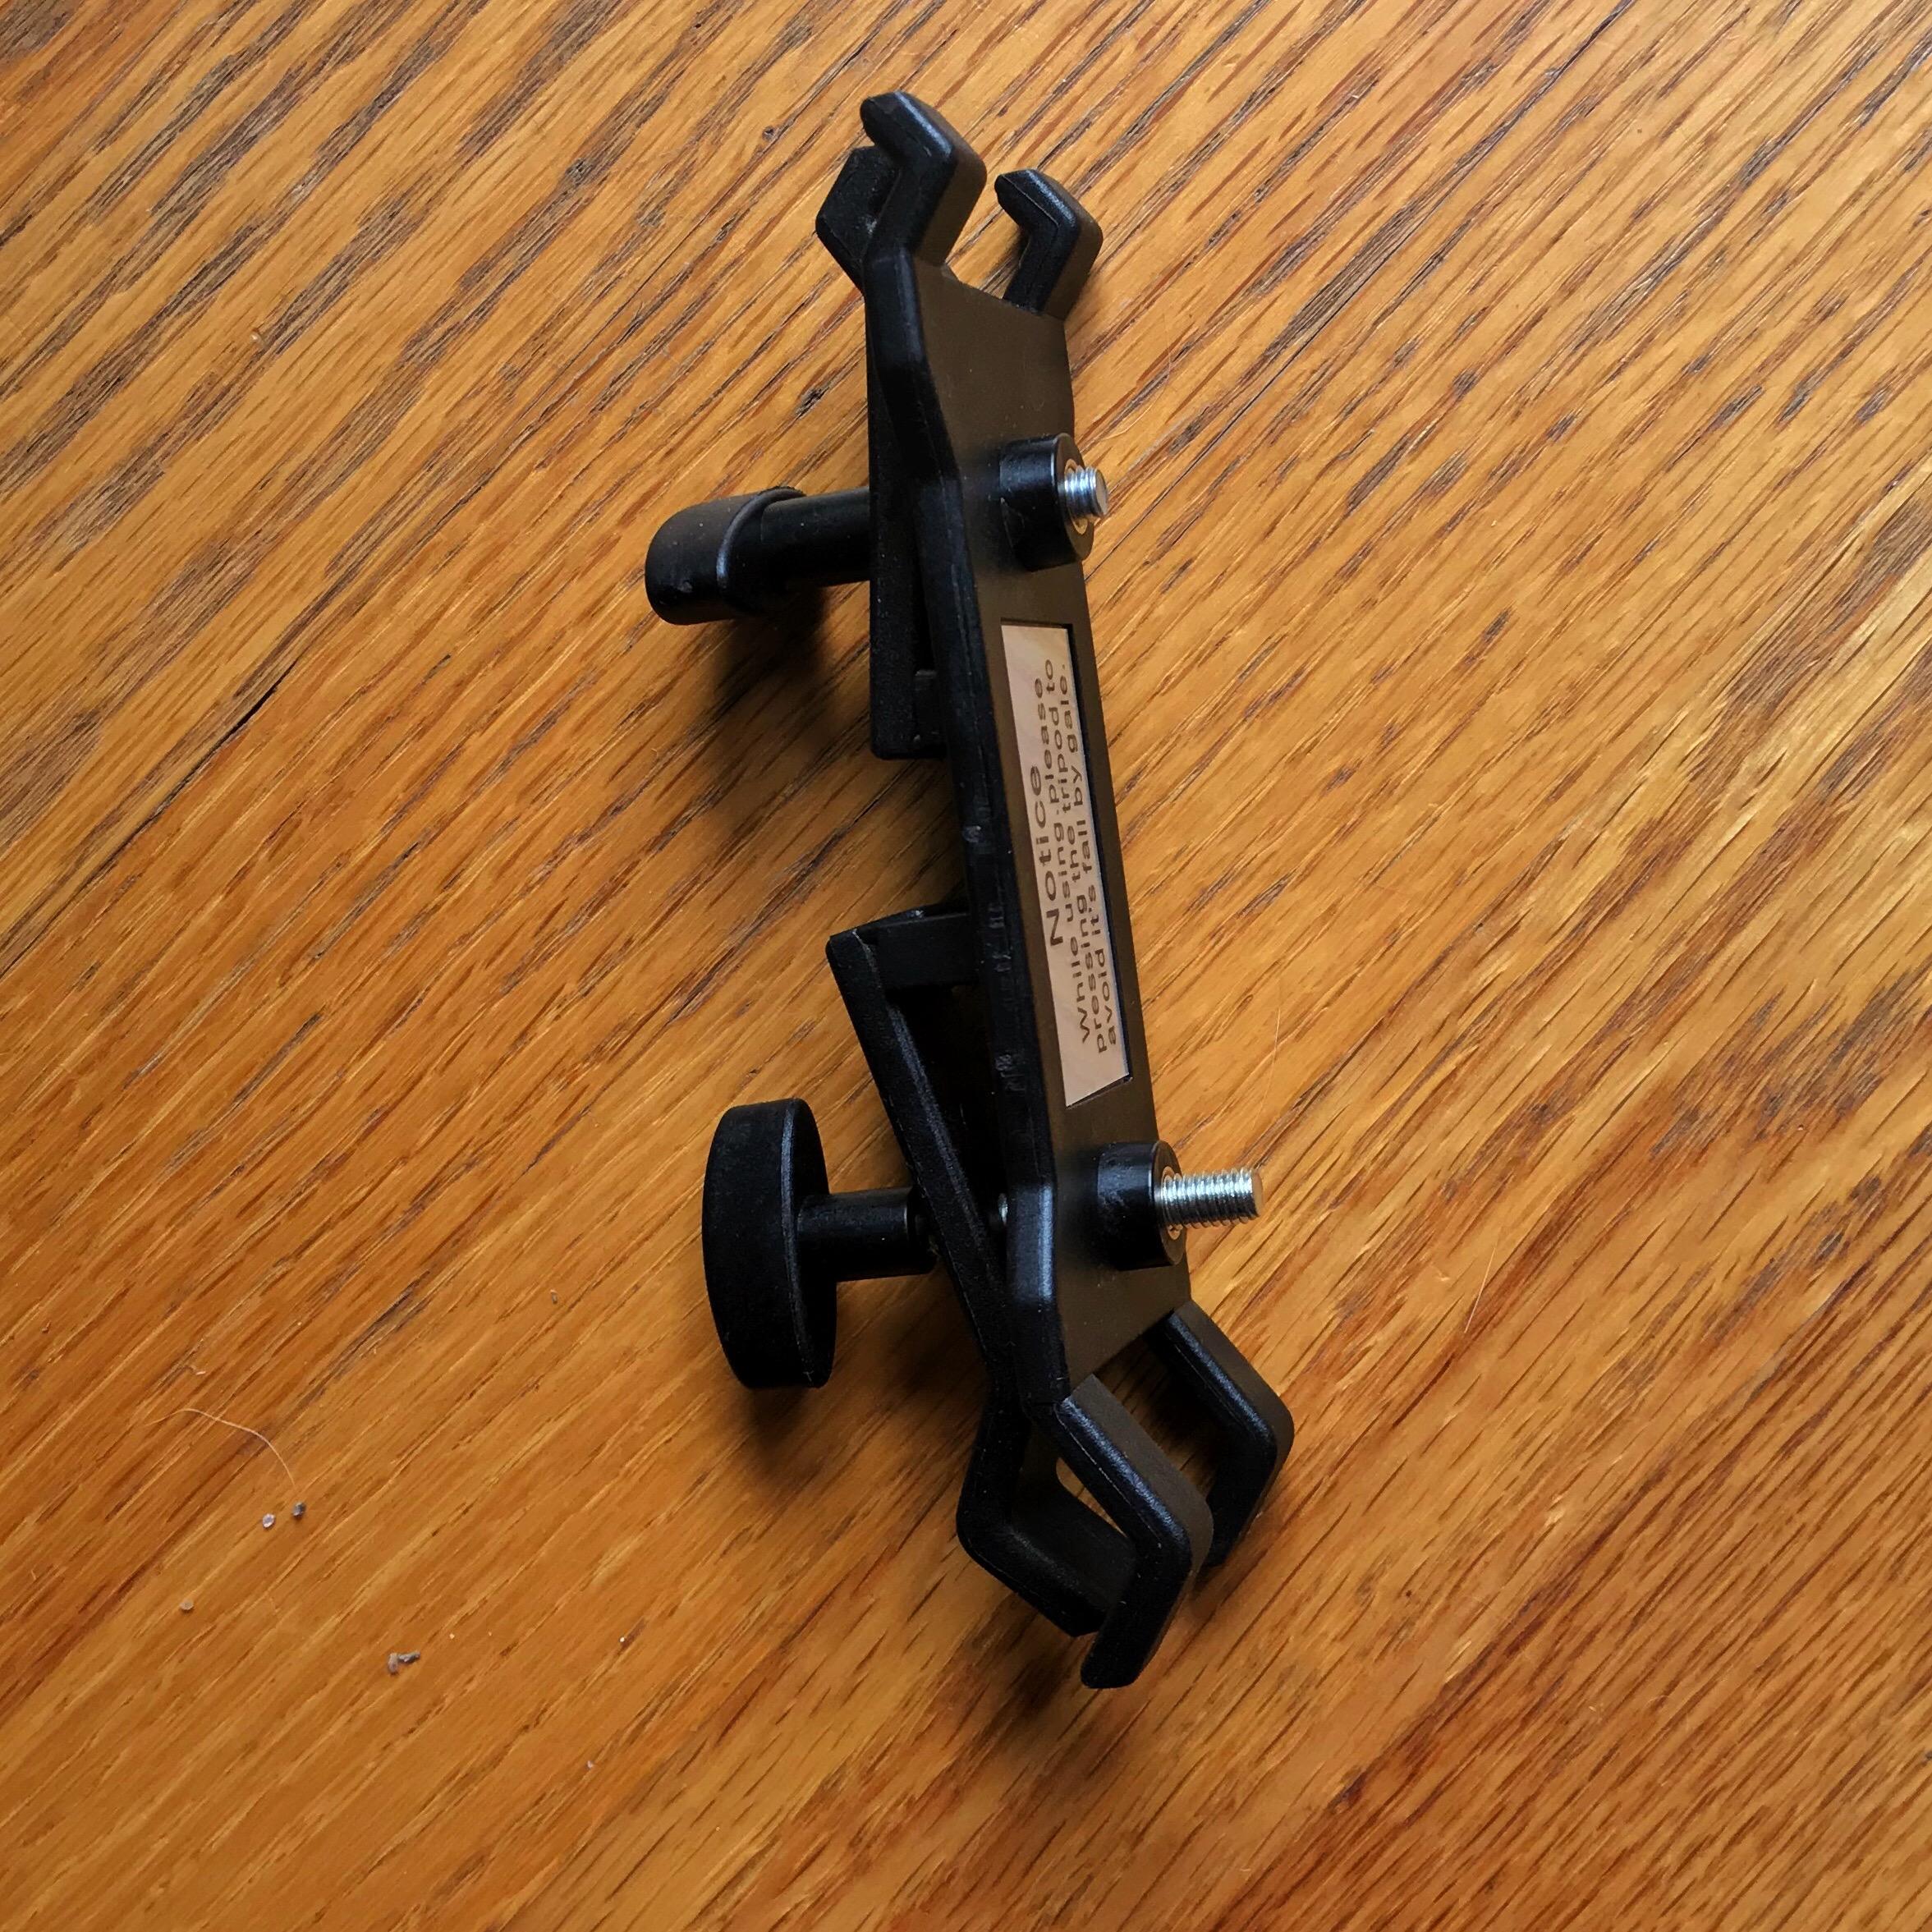 Tripod clamp